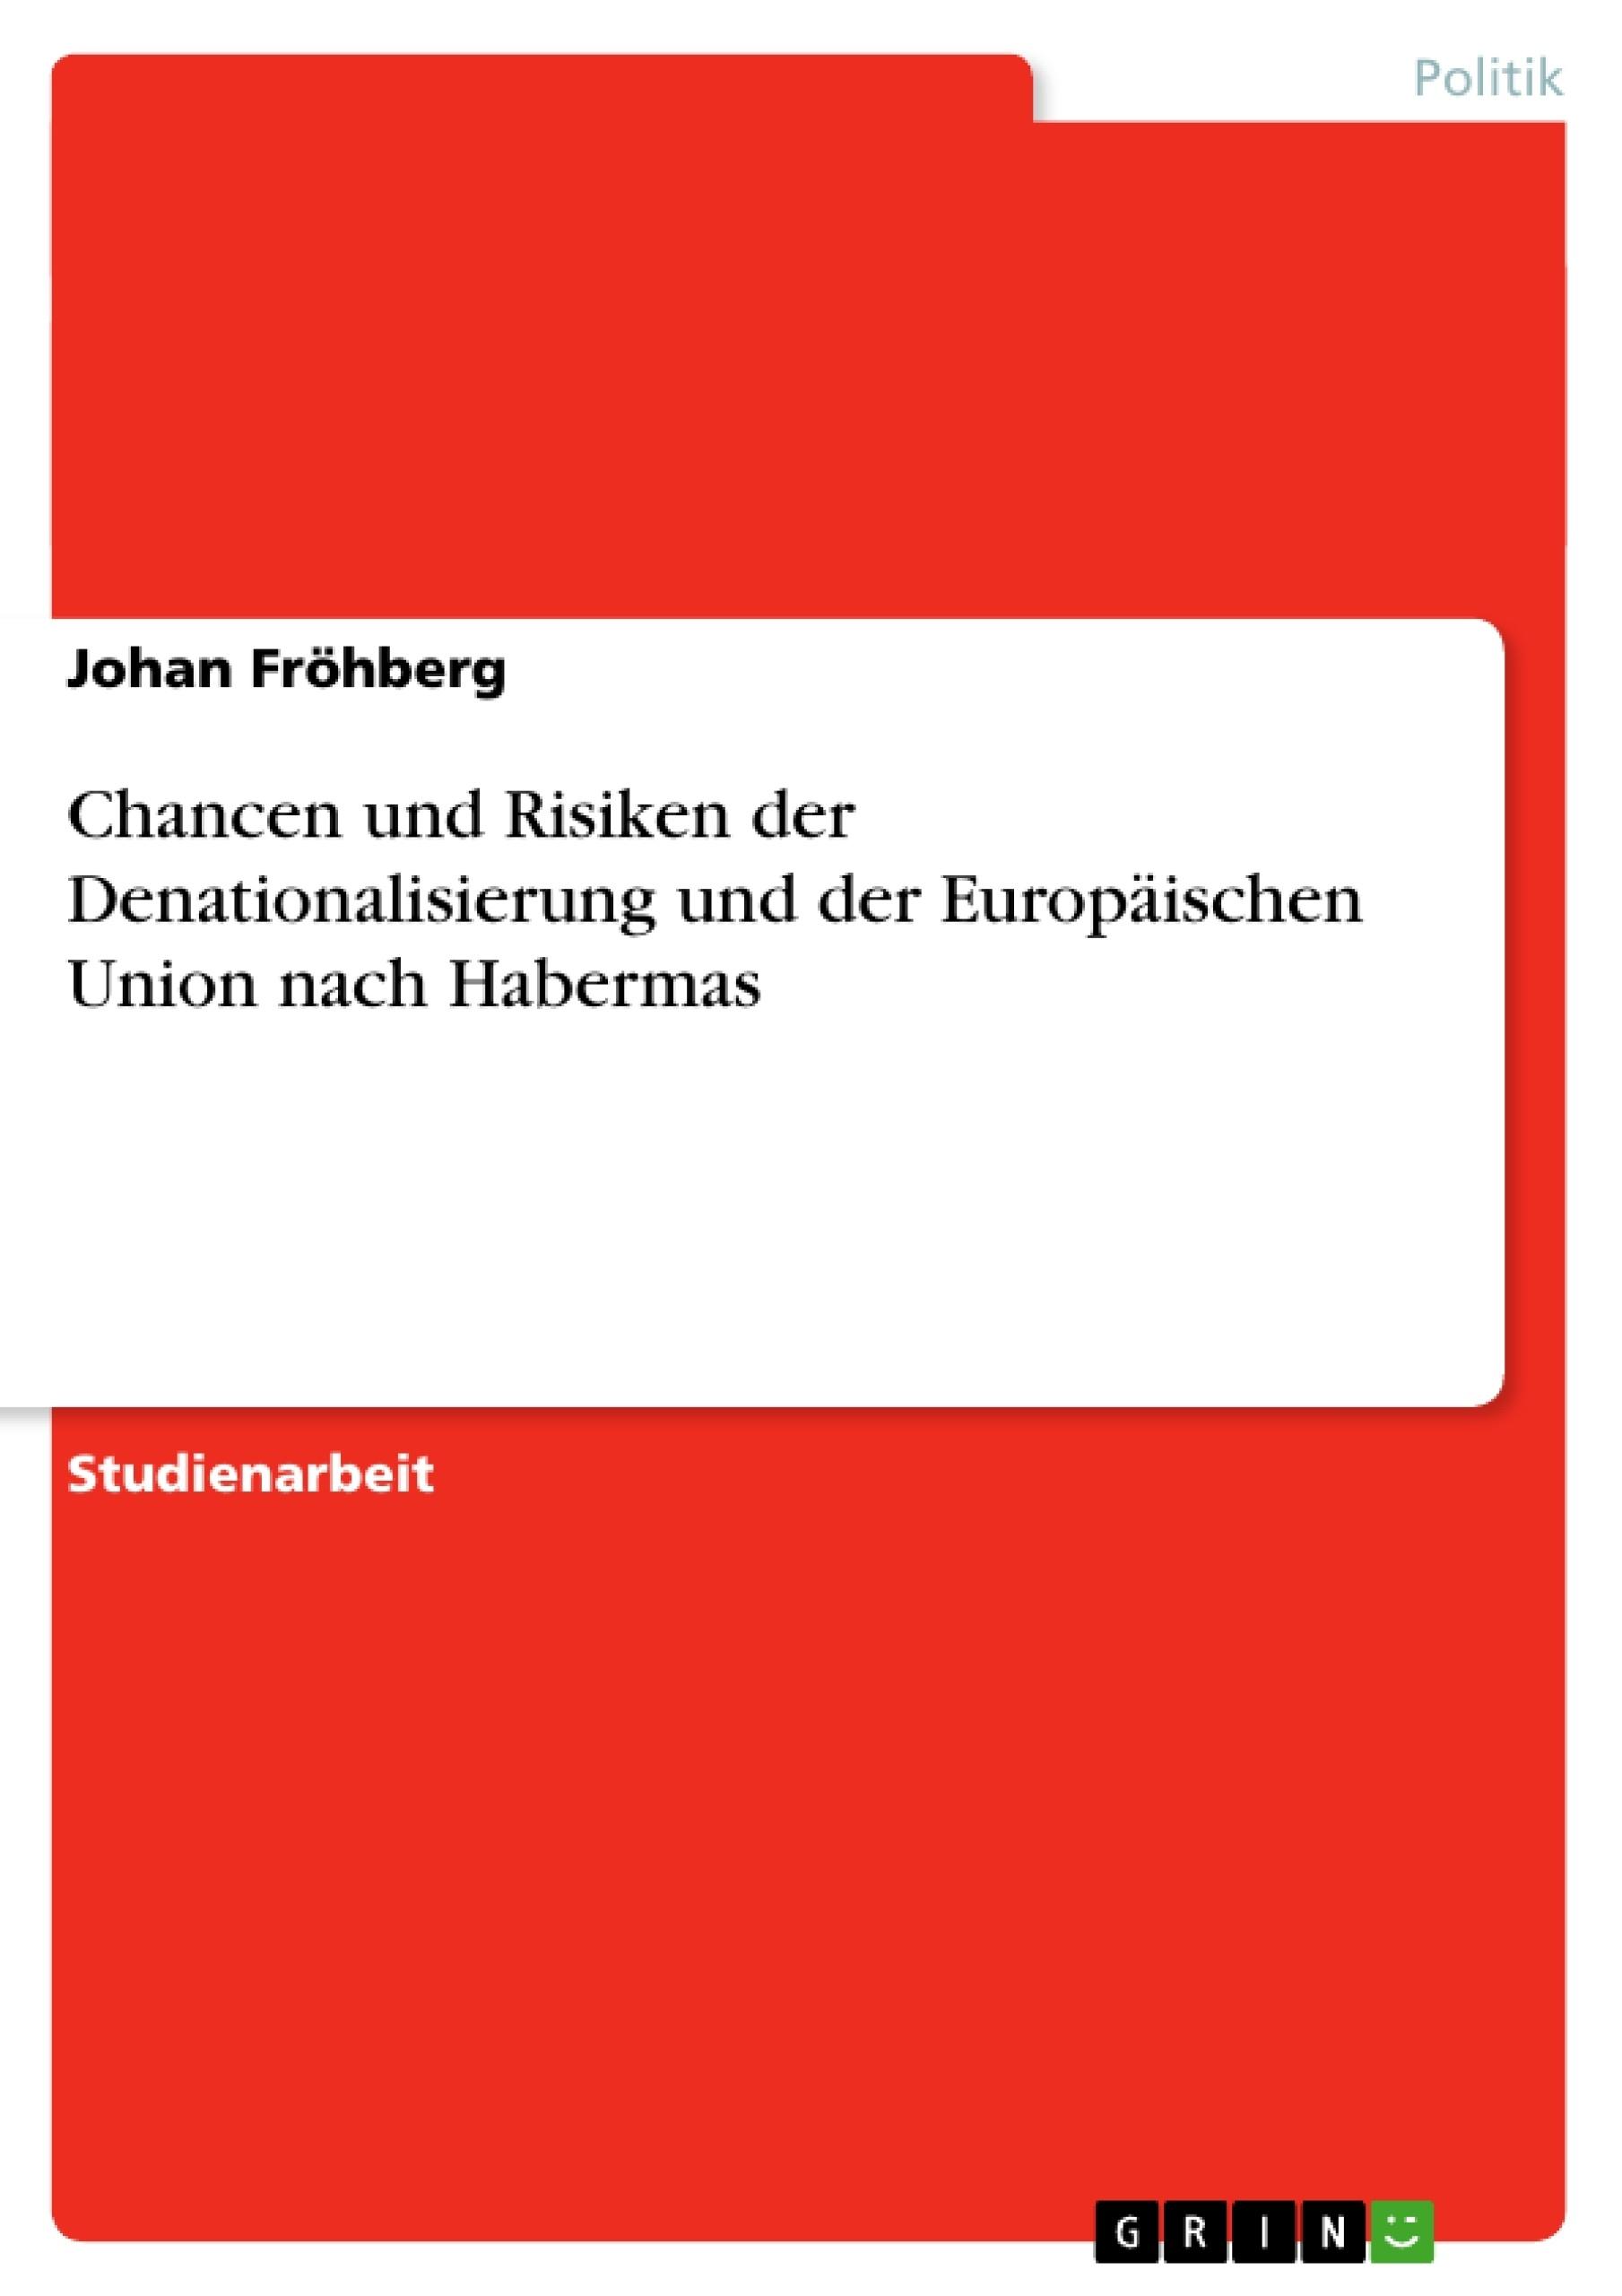 Titel: Chancen und Risiken der Denationalisierung und der Europäischen Union nach Habermas